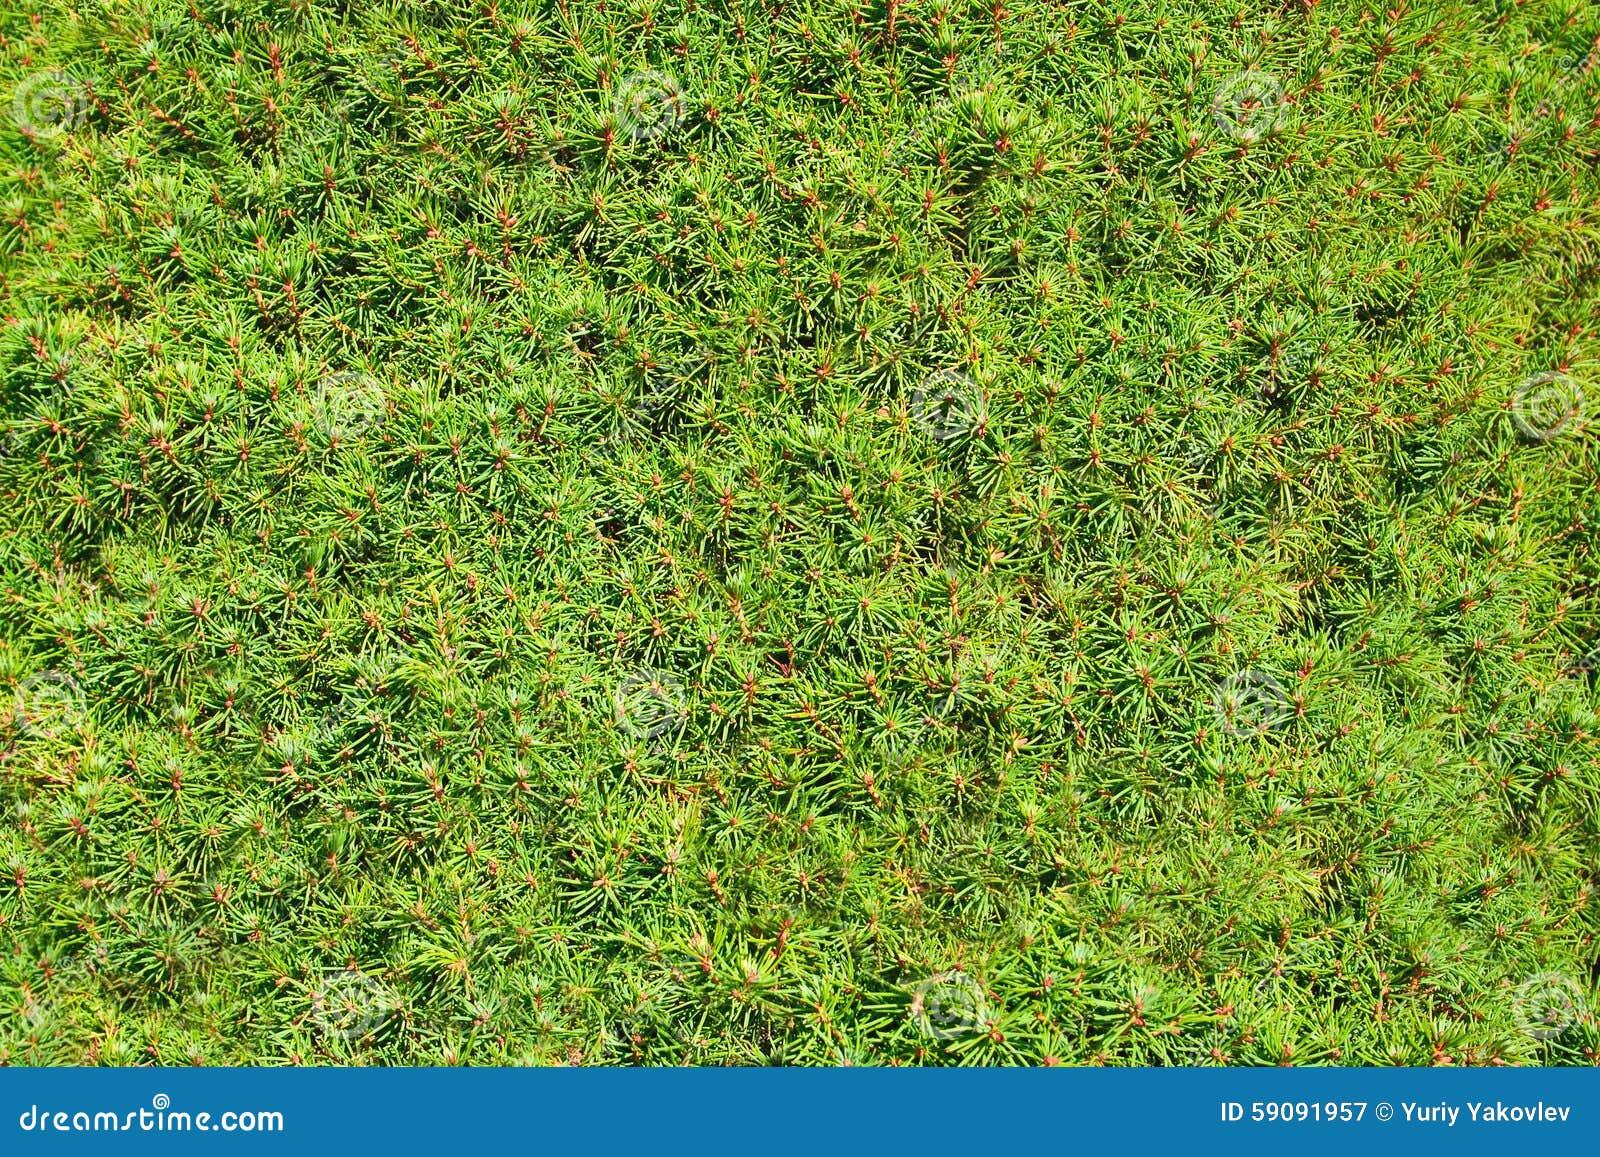 针叶树植物,纹理图片